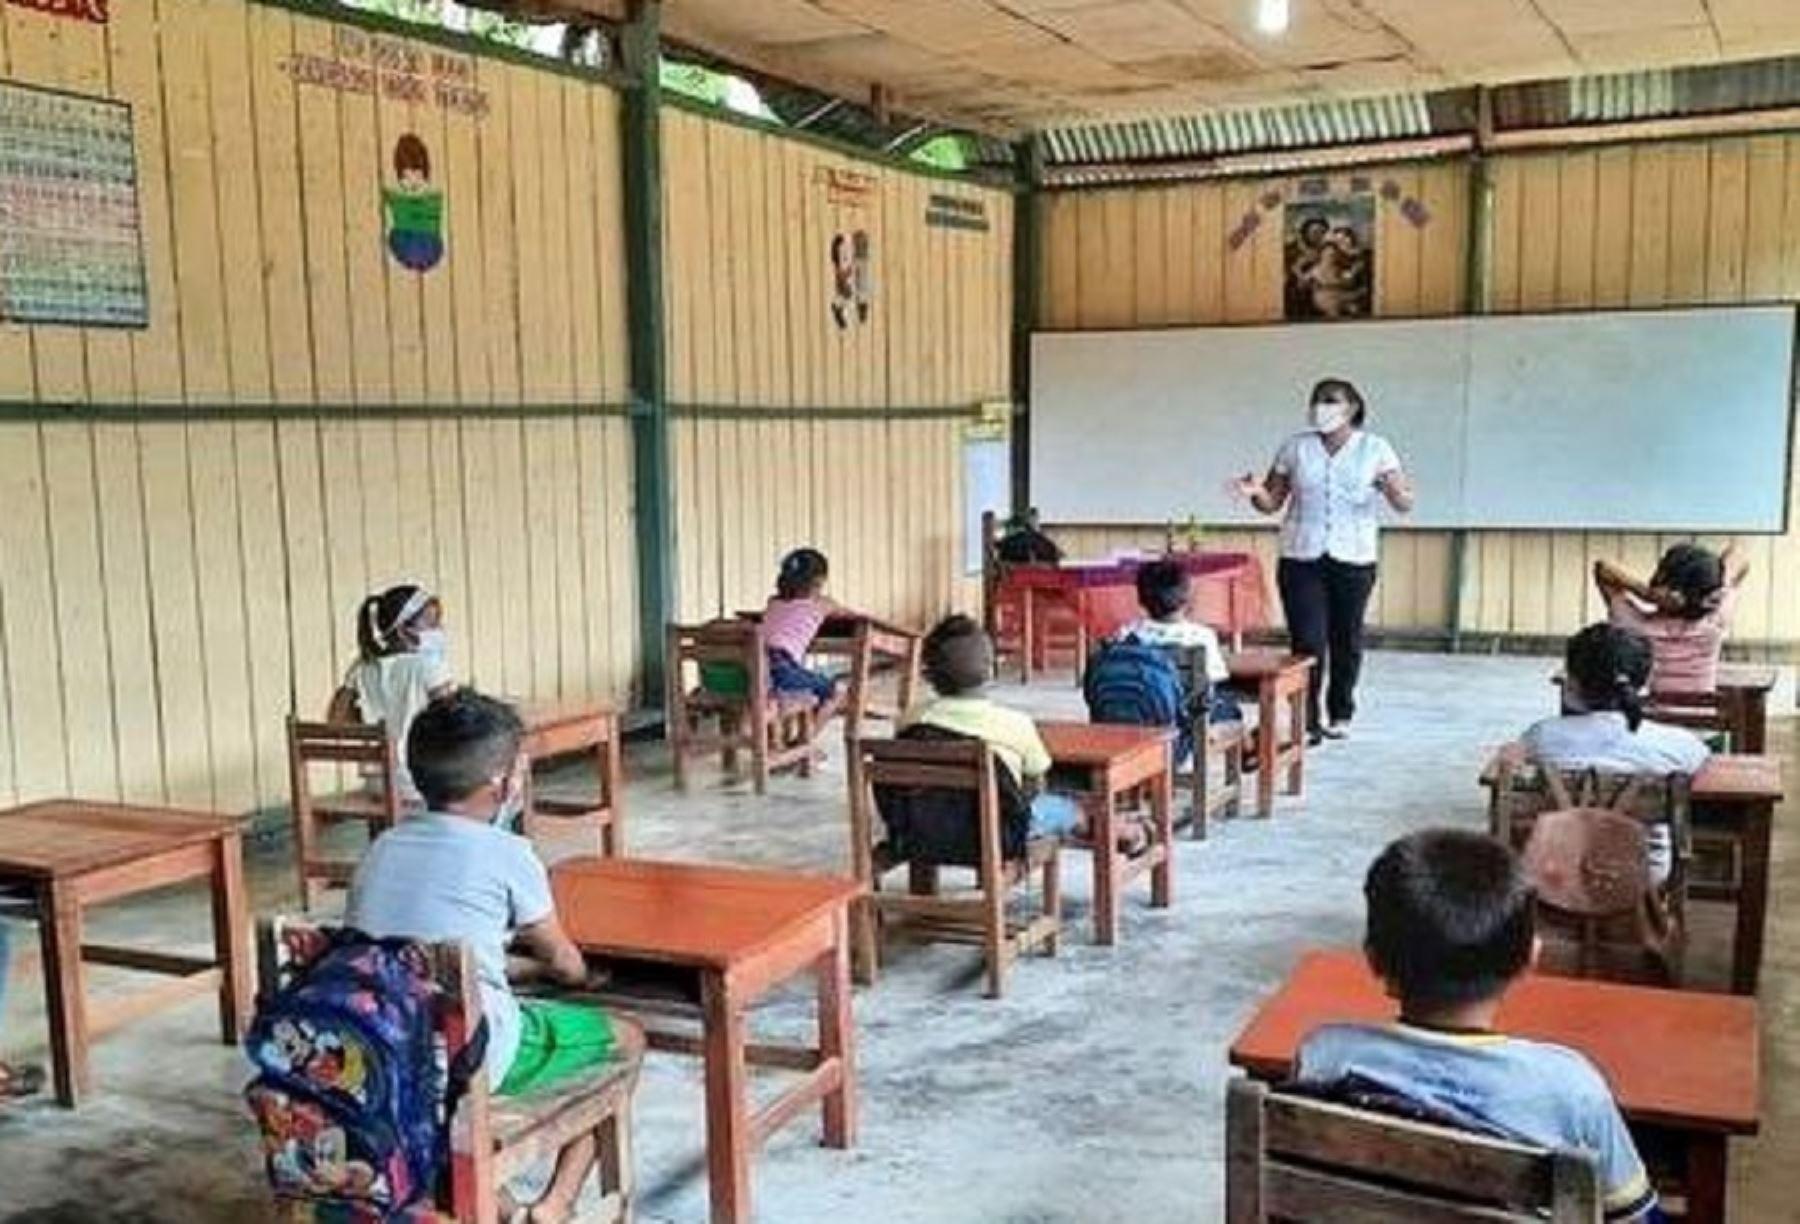 Minedu: la educación es un instrumento para llegar a una sociedad más justa e igualitaria